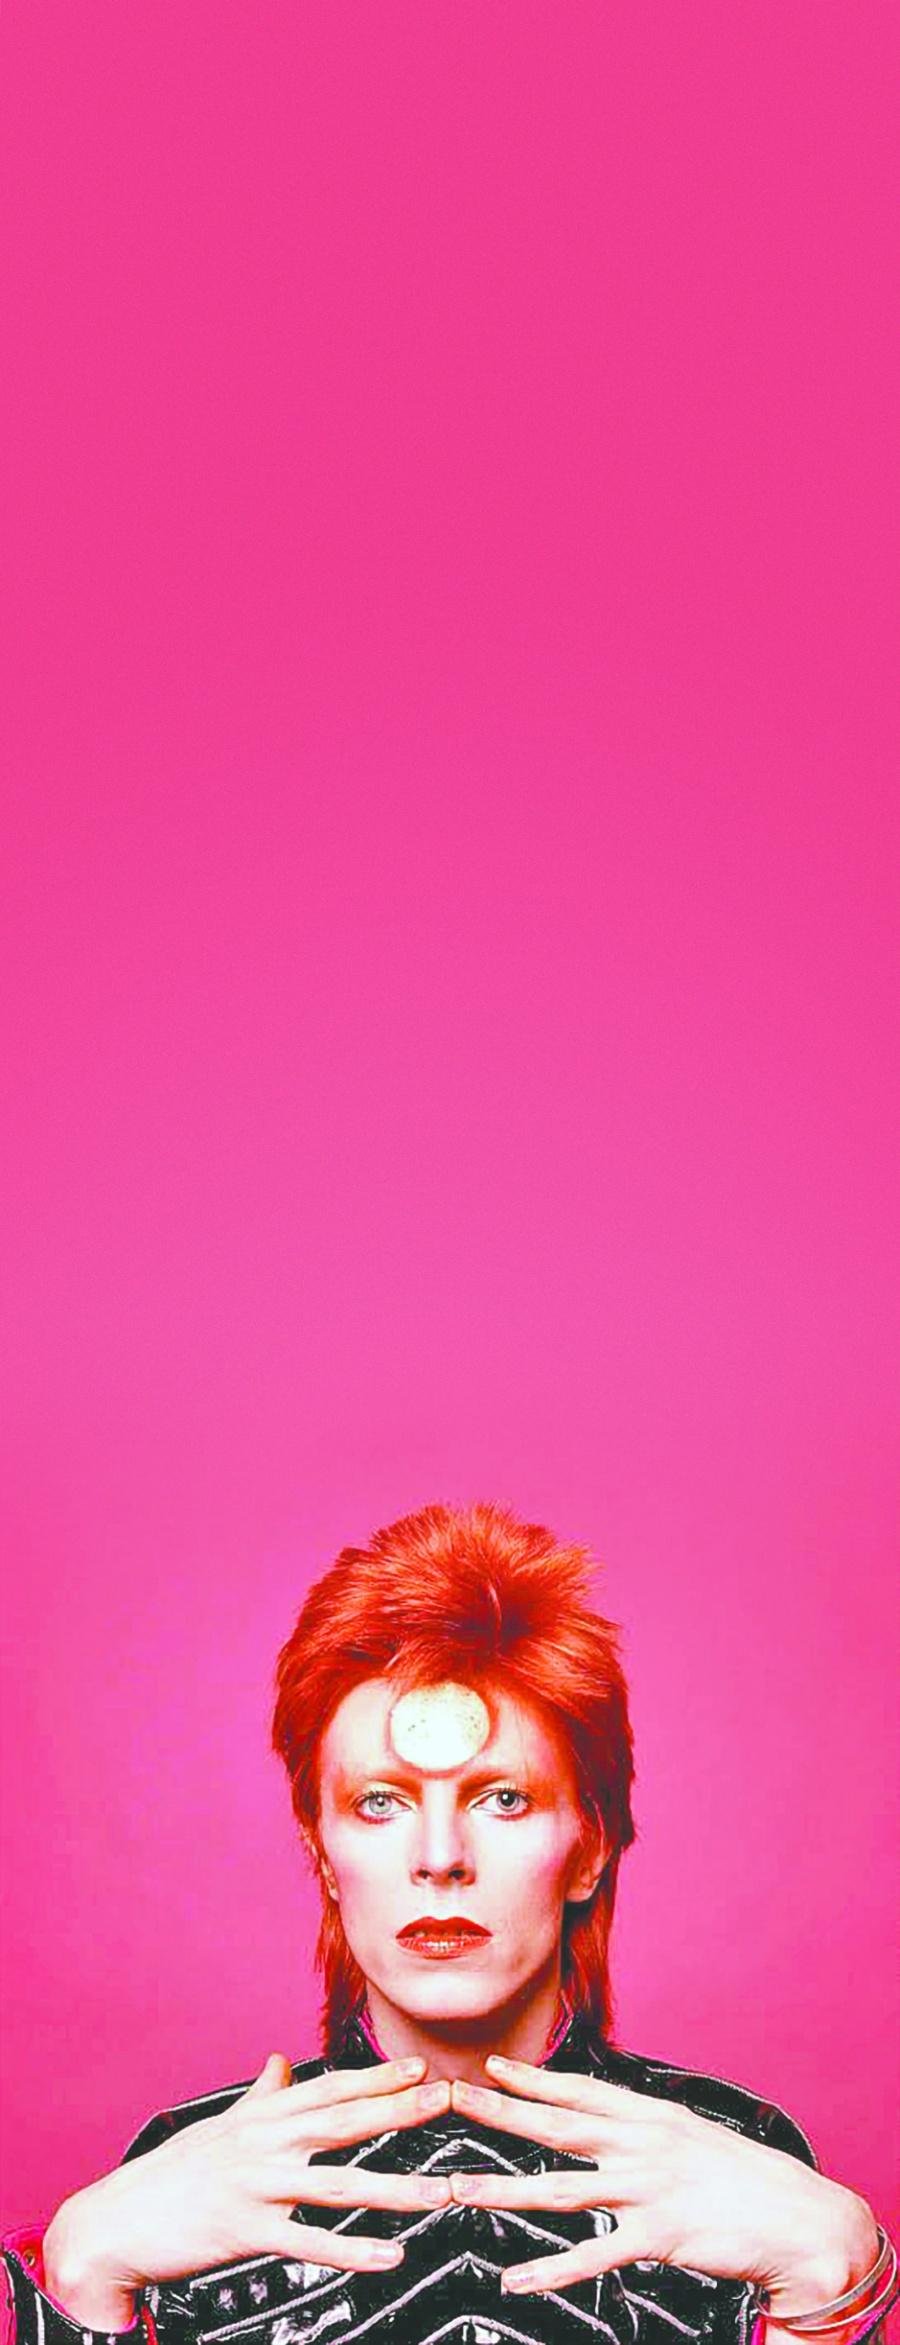 Bowie llega a la pantalla grande con Stardust